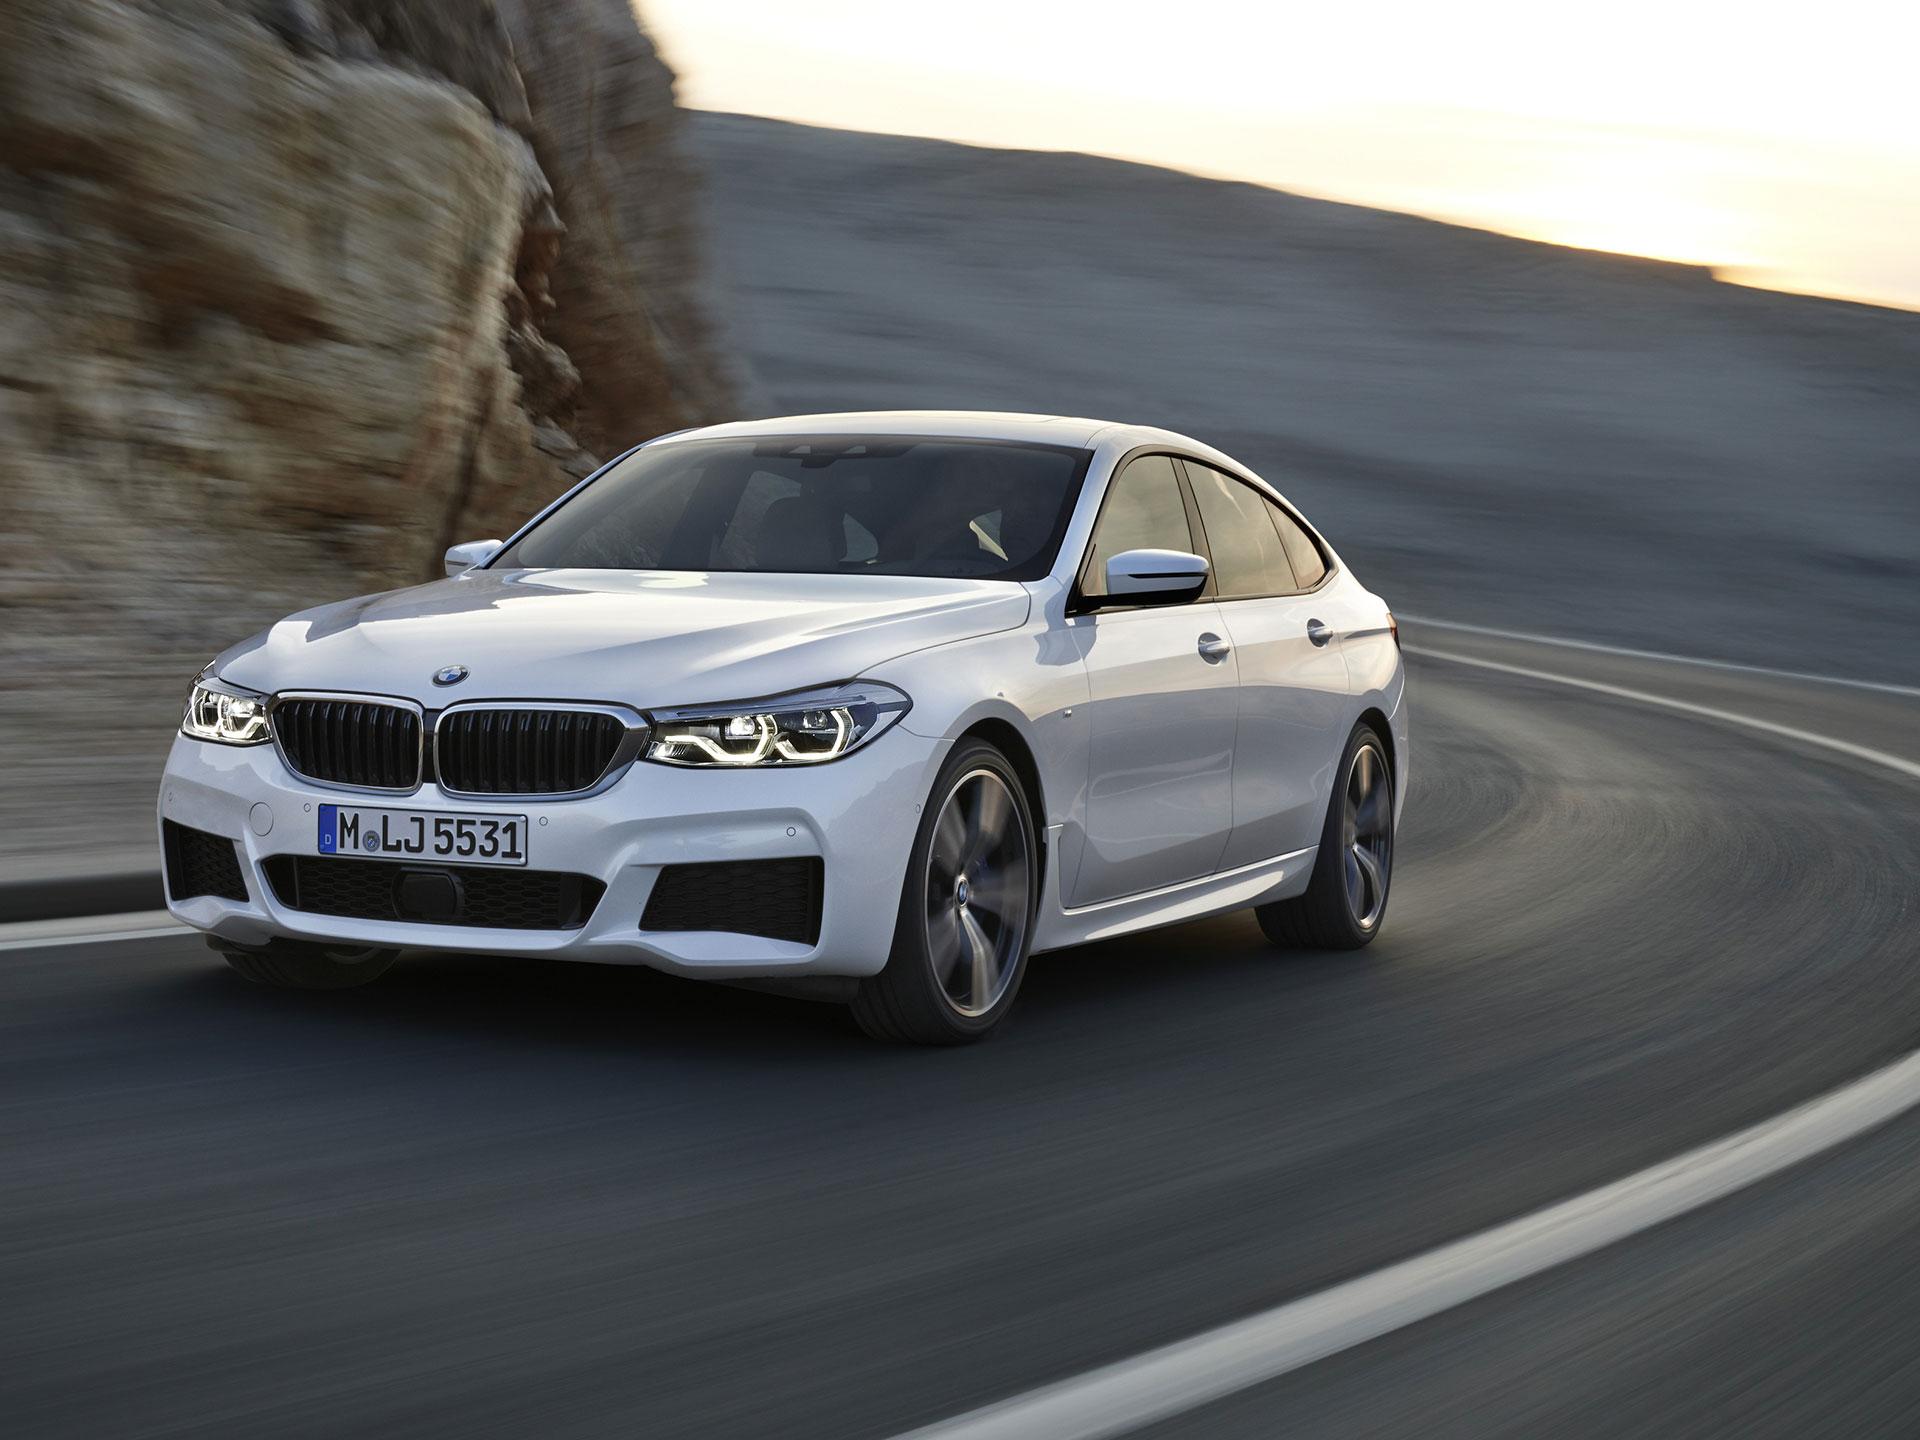 SERIE seis GRAN TURISMO. Basado en el Serie cinco Gran Turismo, éste asimismo es un lanzamiento mundial que alardea una reducción de peso, una mejora en la conducción y en la efectividad de su tren motriz. Foto: BMW